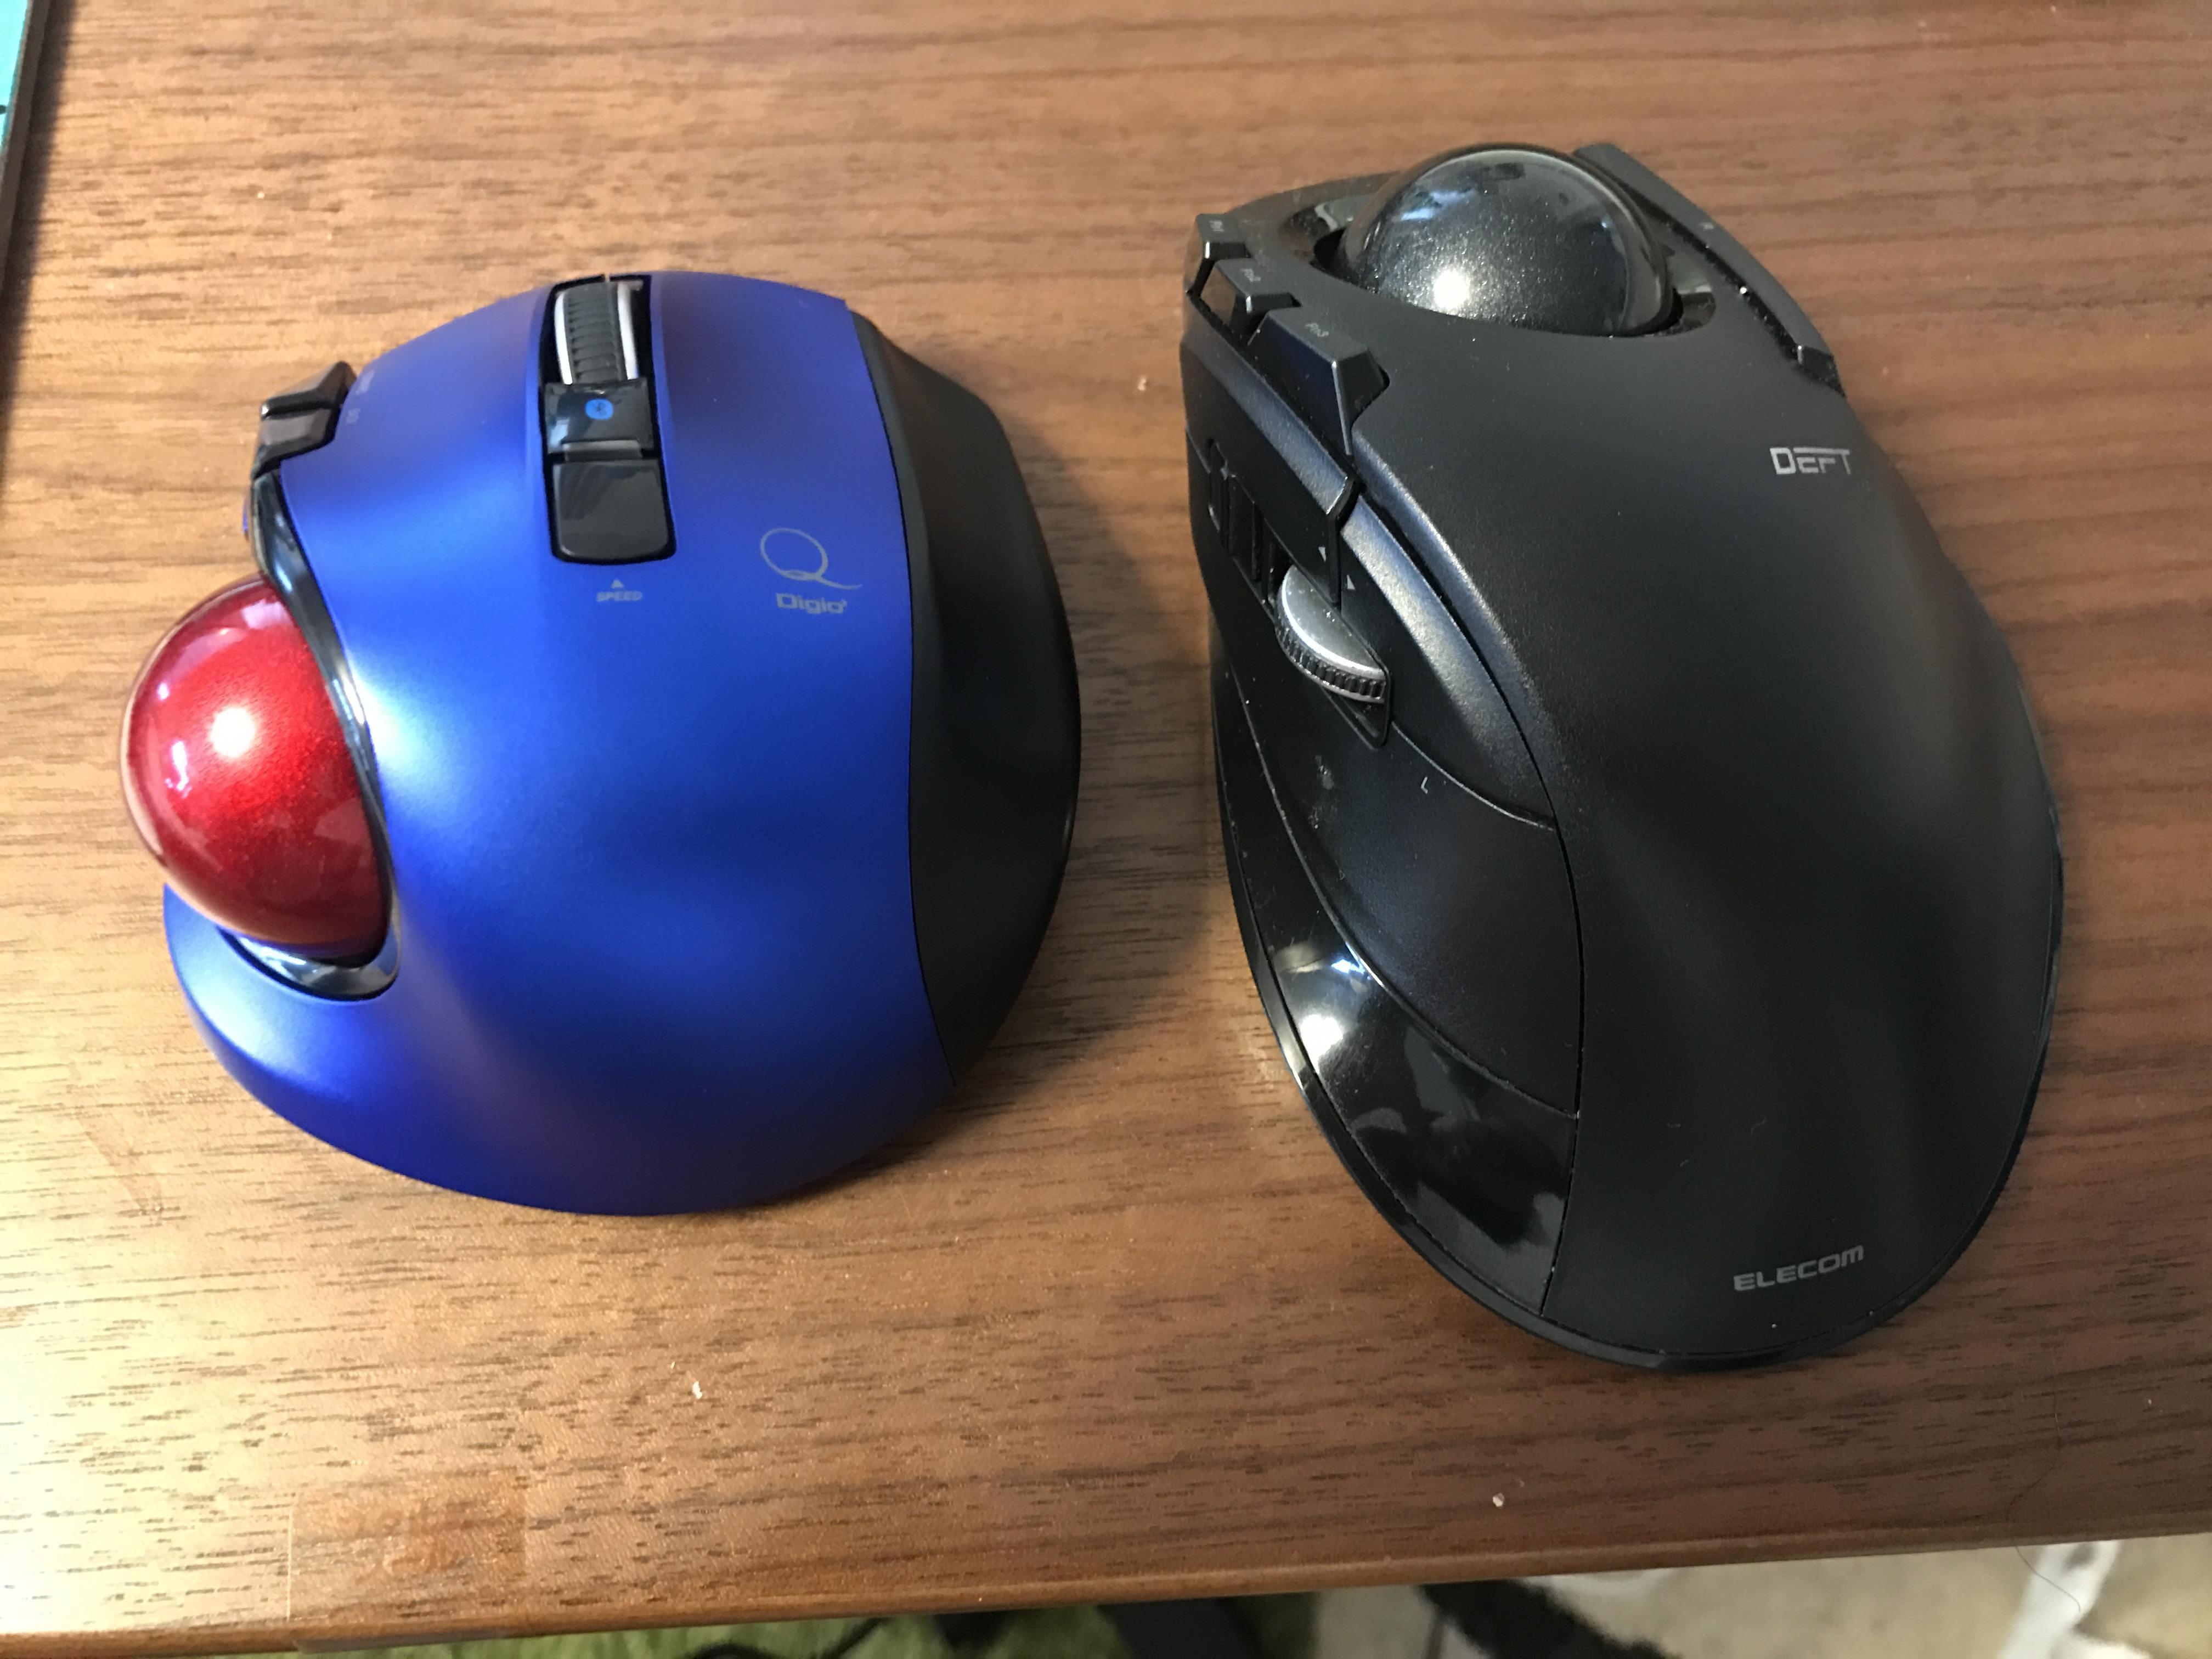 ポータブル極小トラックボール Digio2 Qが新発売!親指操作タイプで唯一のBluetooth接続!やっぱり親指だな!